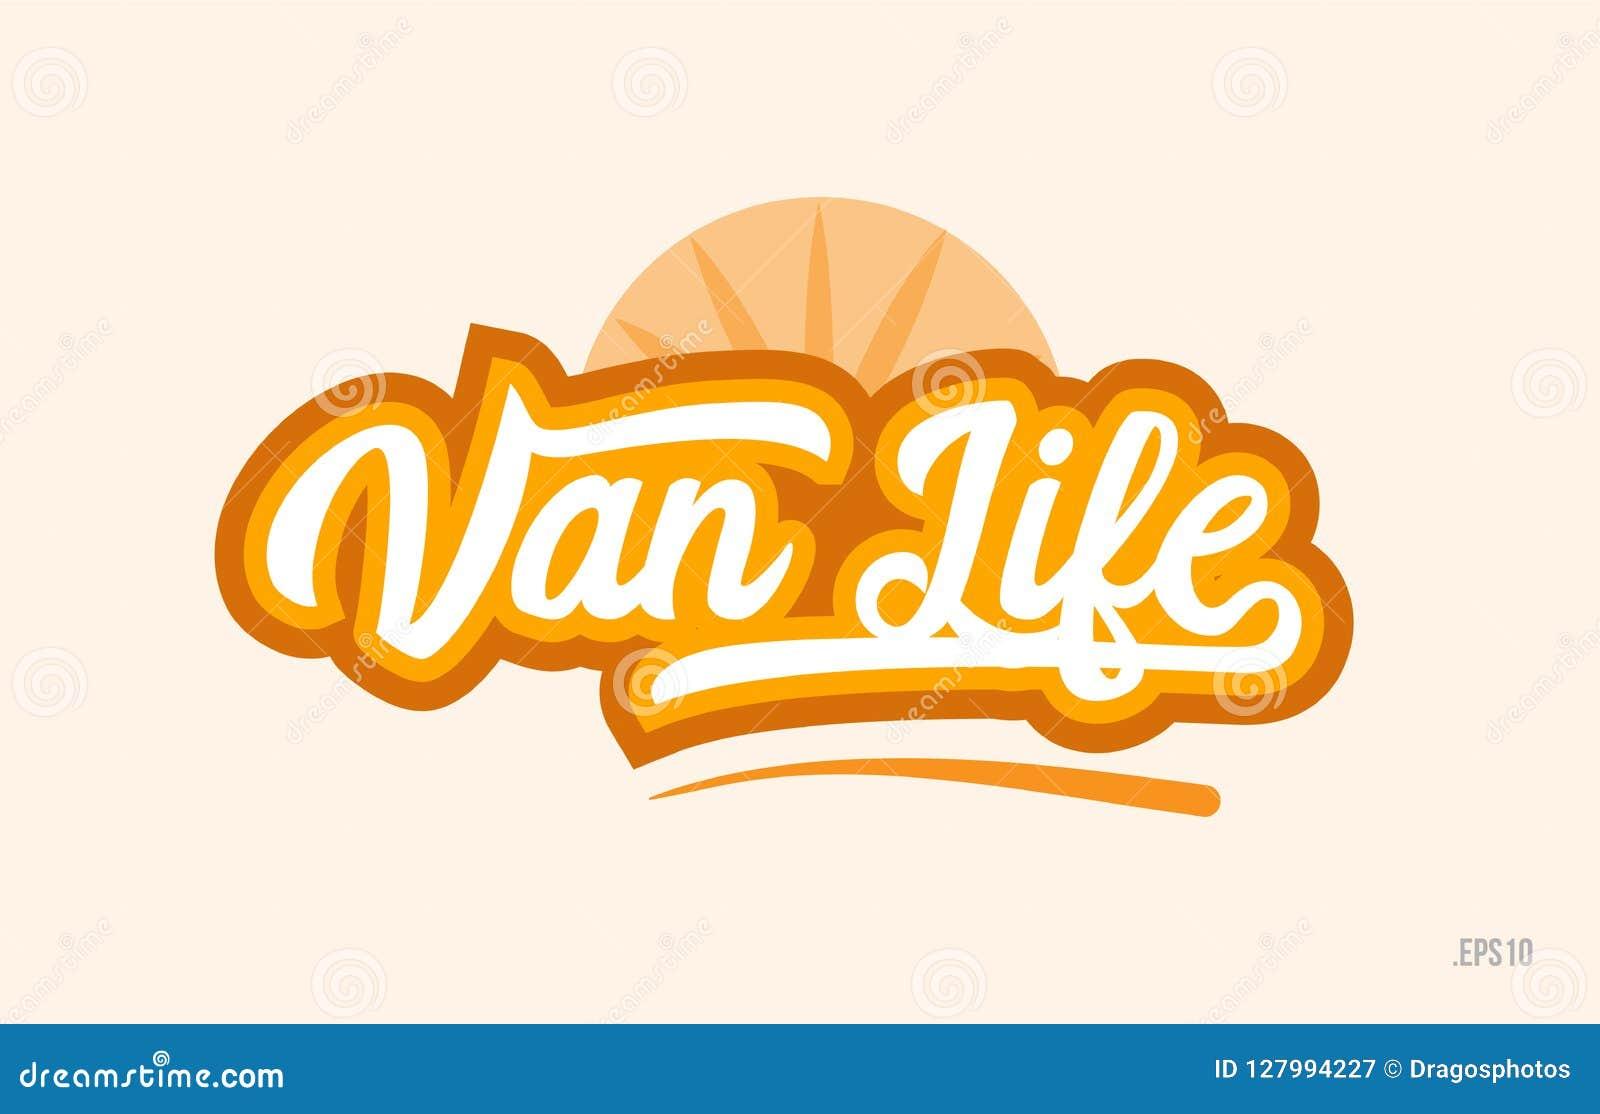 Van life het oranje pictogram van het de tekstembleem van het kleurenwoord